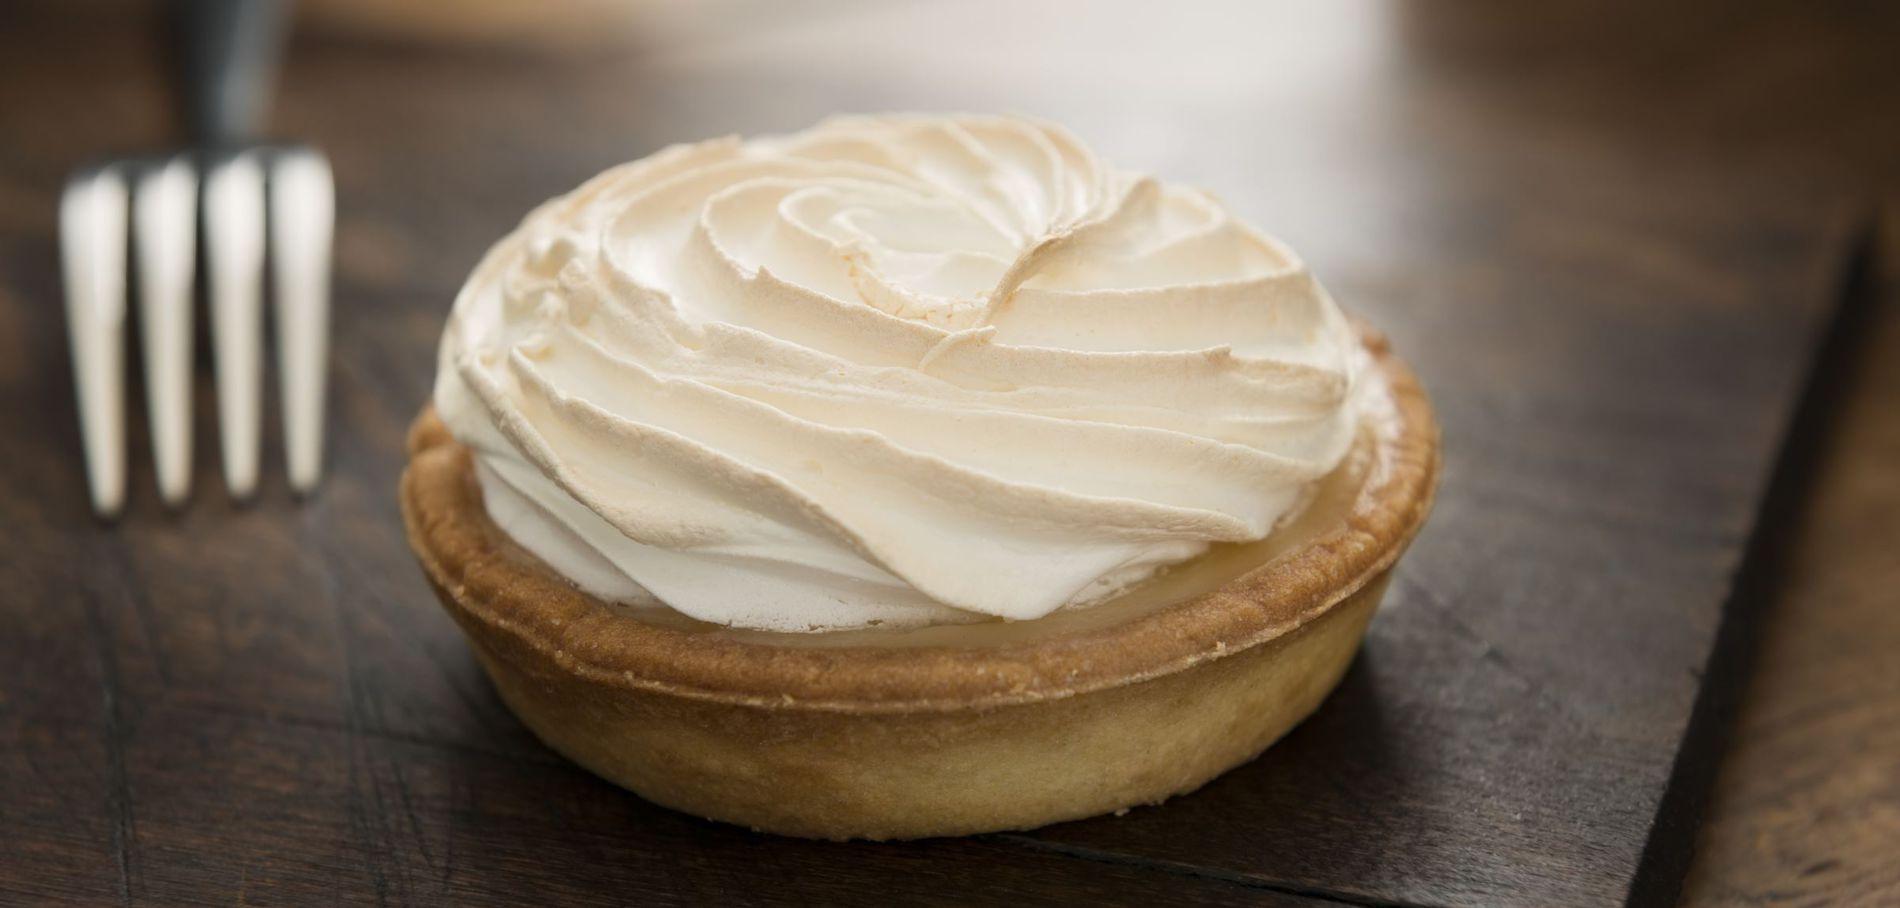 Recette : la tarte au citron de Yoko - Grazia.fr